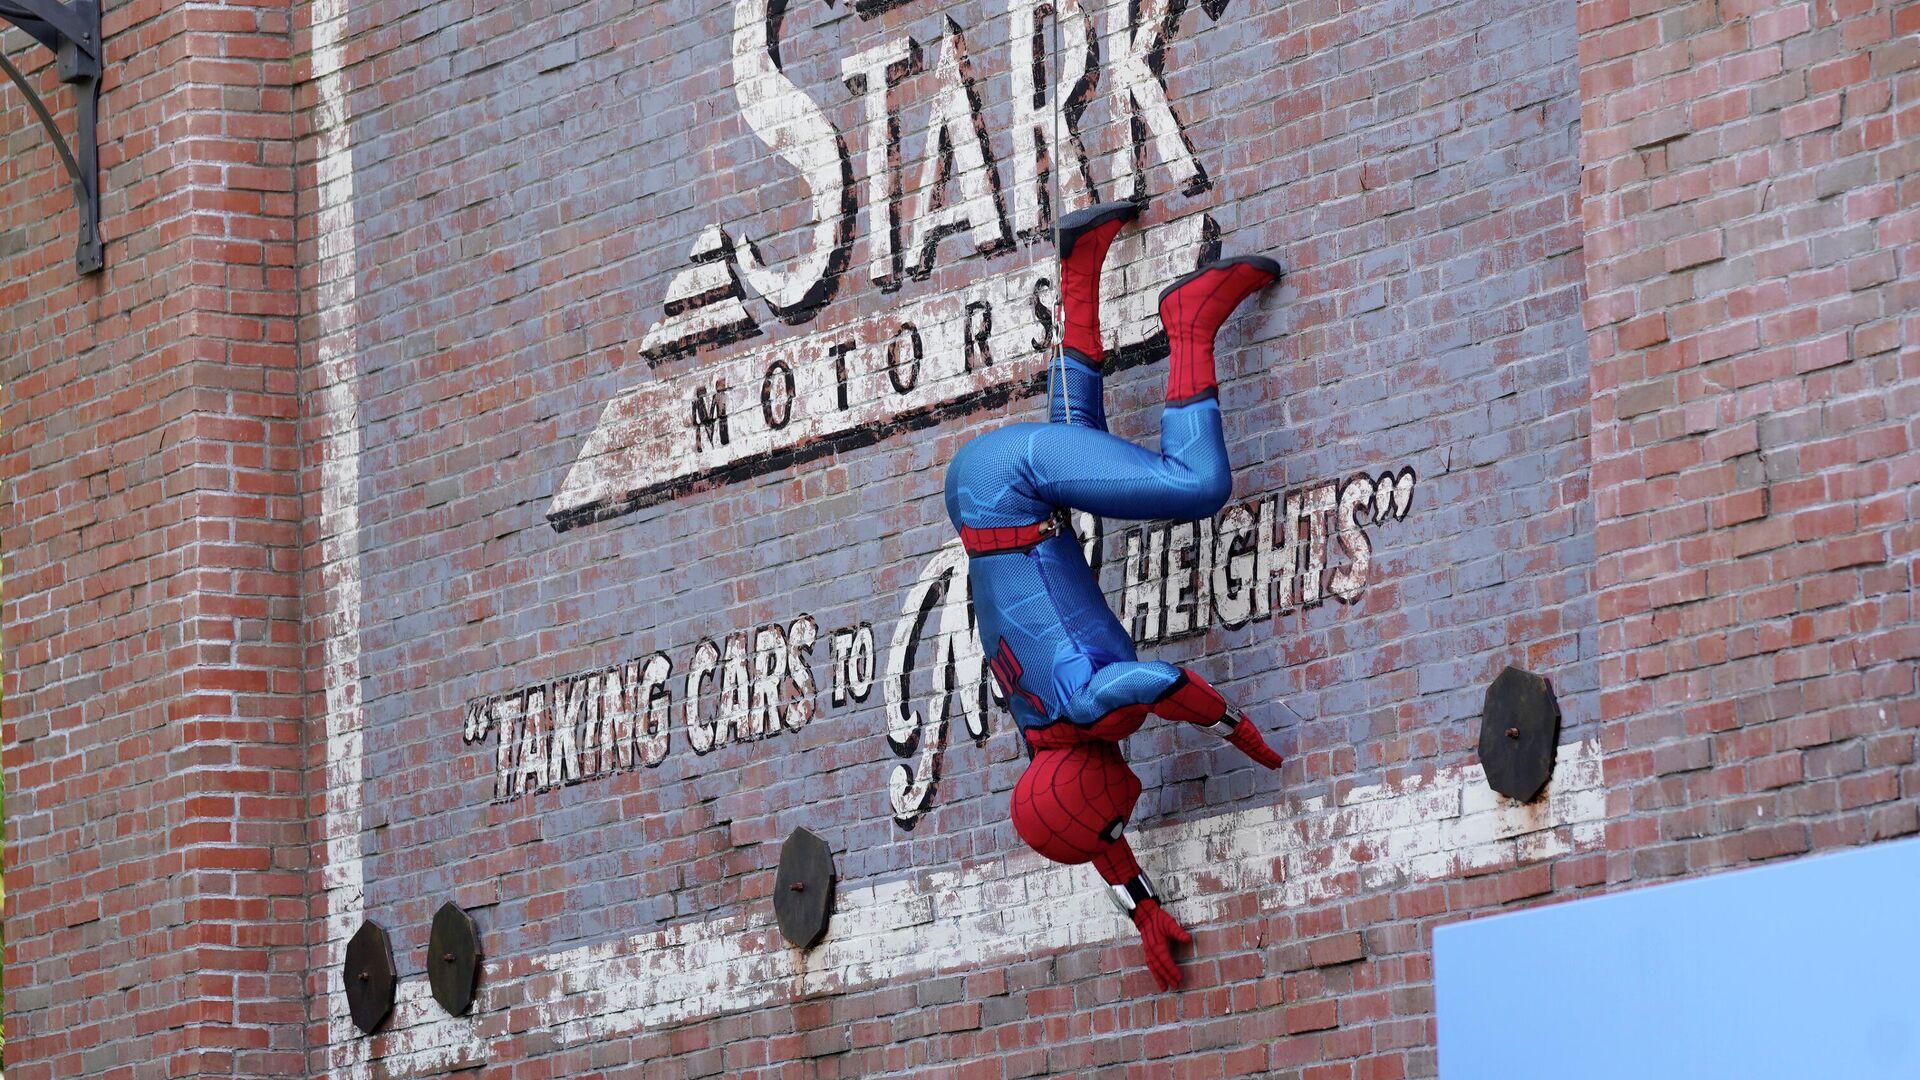 Una persona disfrazada de Spider-Man actúa en un parque de Disney - Sputnik Mundo, 1920, 23.08.2021